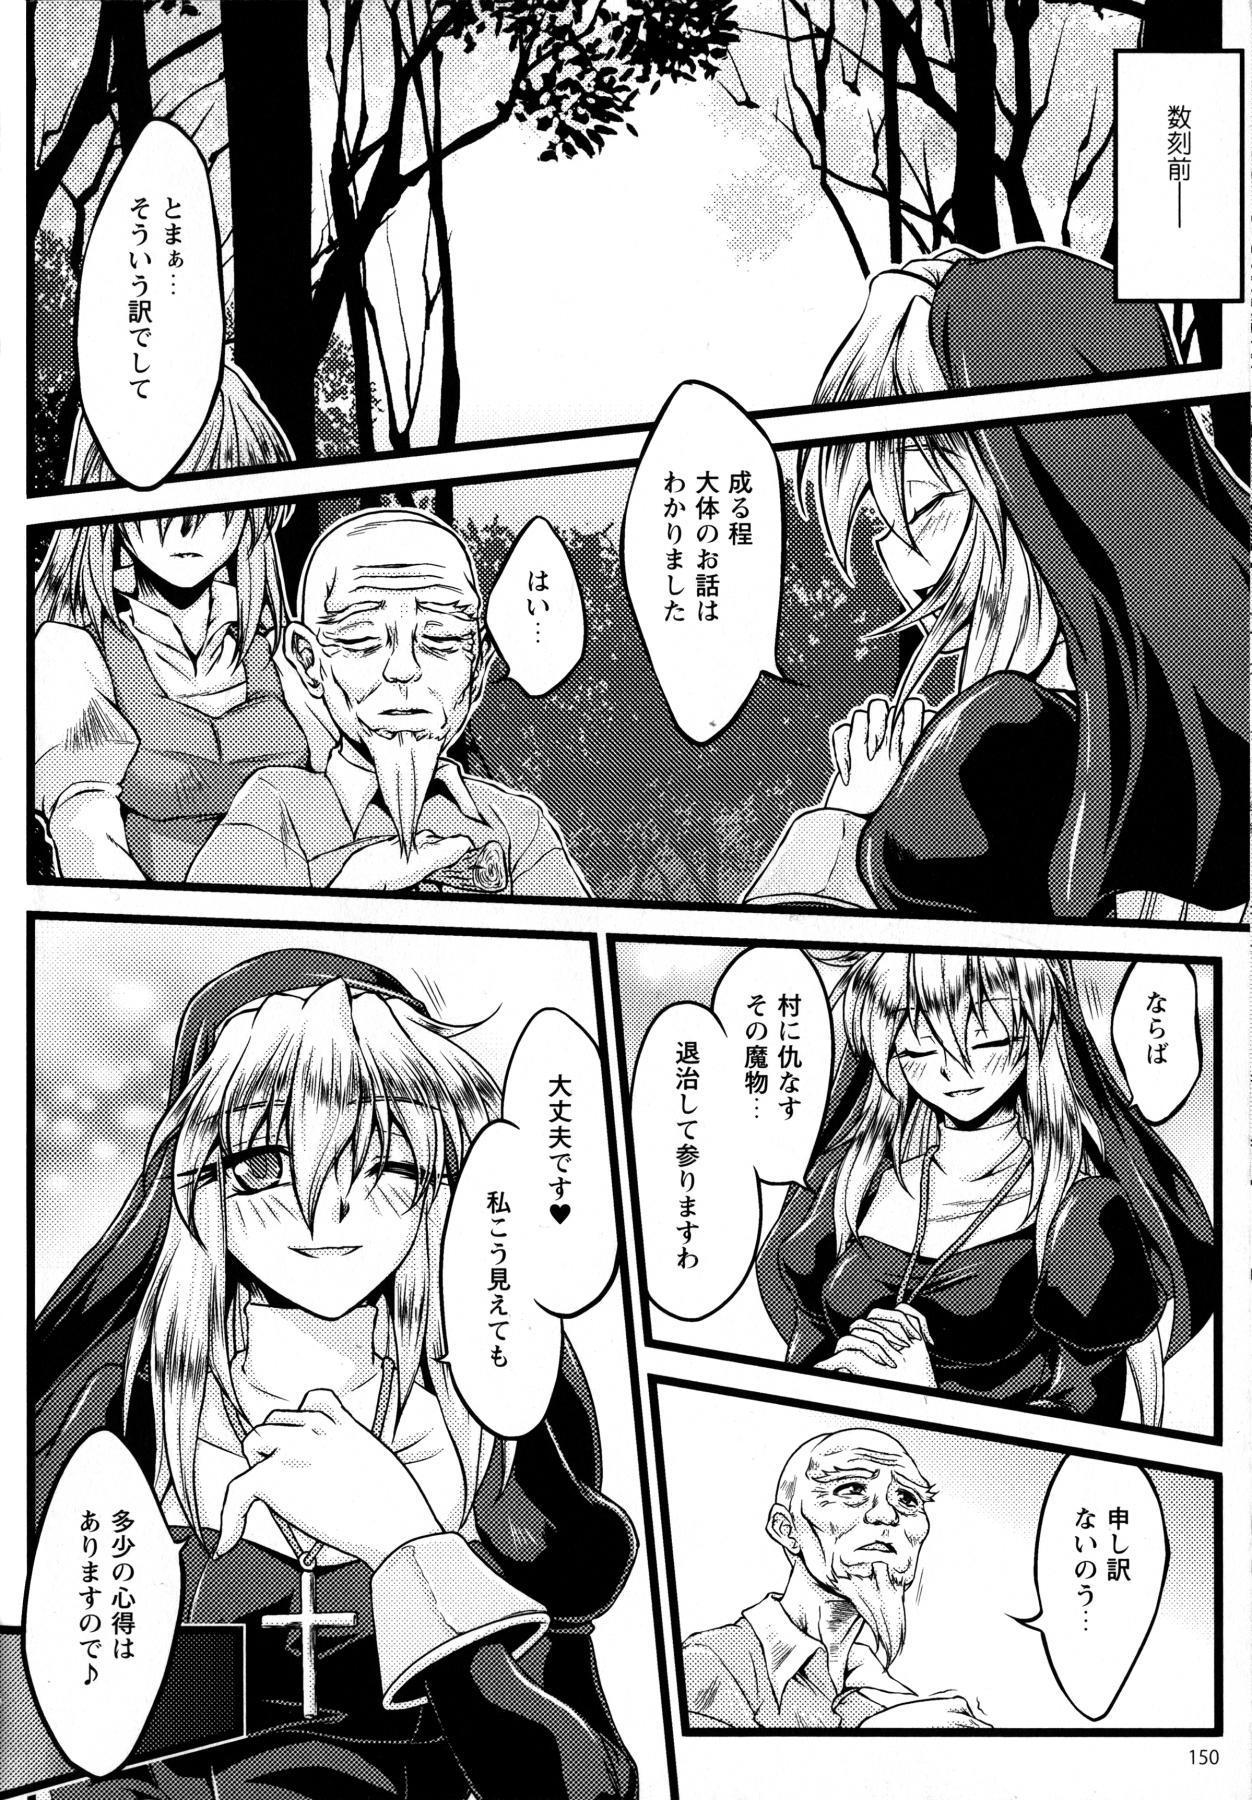 Ochita Tenshi wa Hakanakumo 149